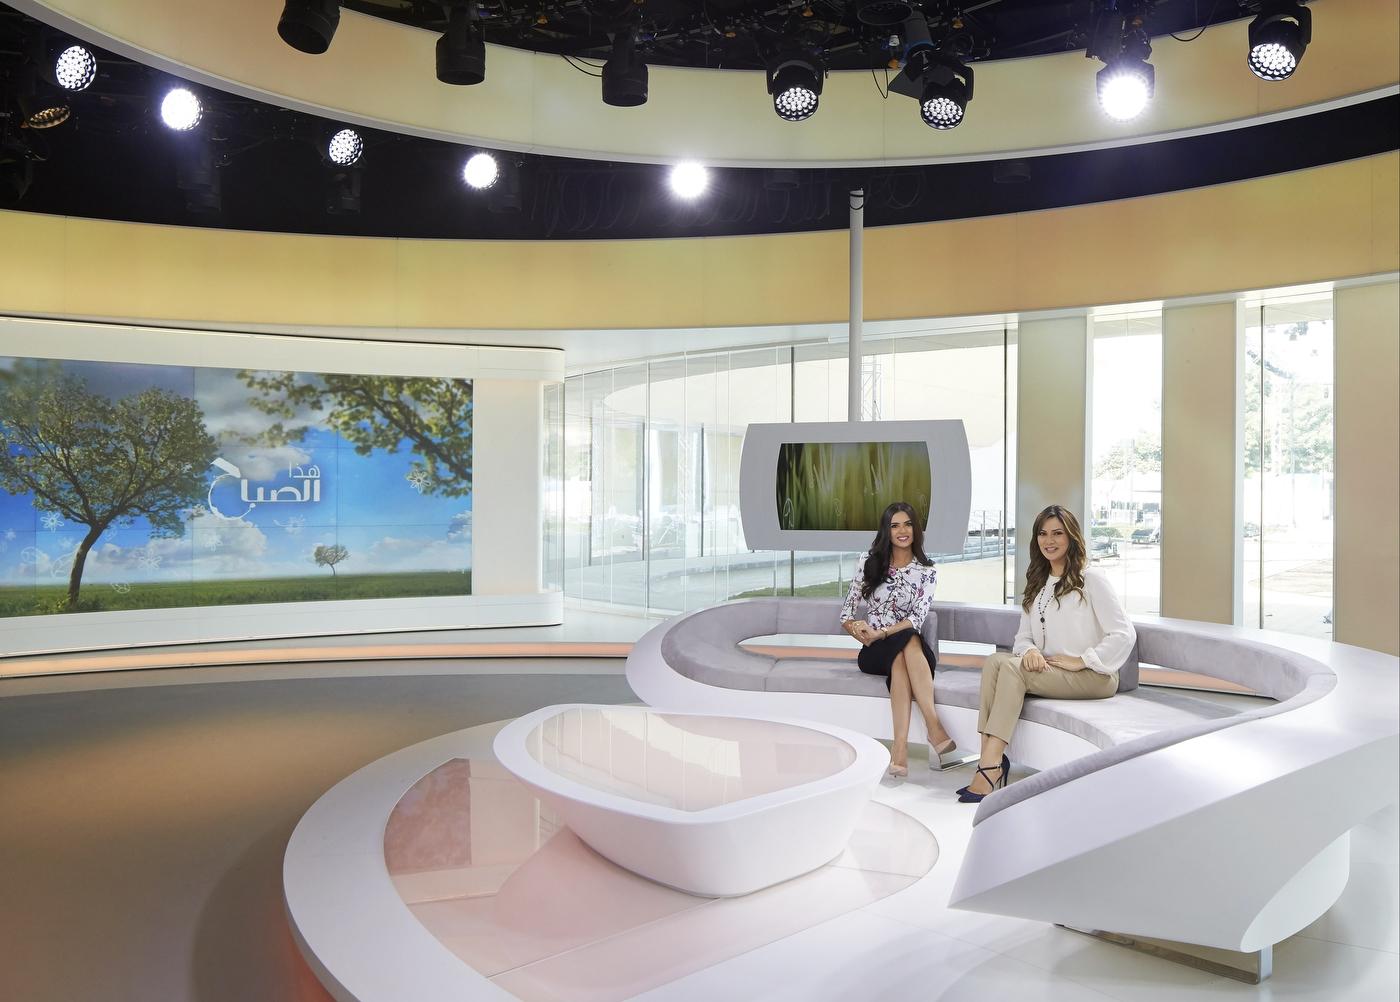 NCS_Al-Jazeera-Studio-14_0015